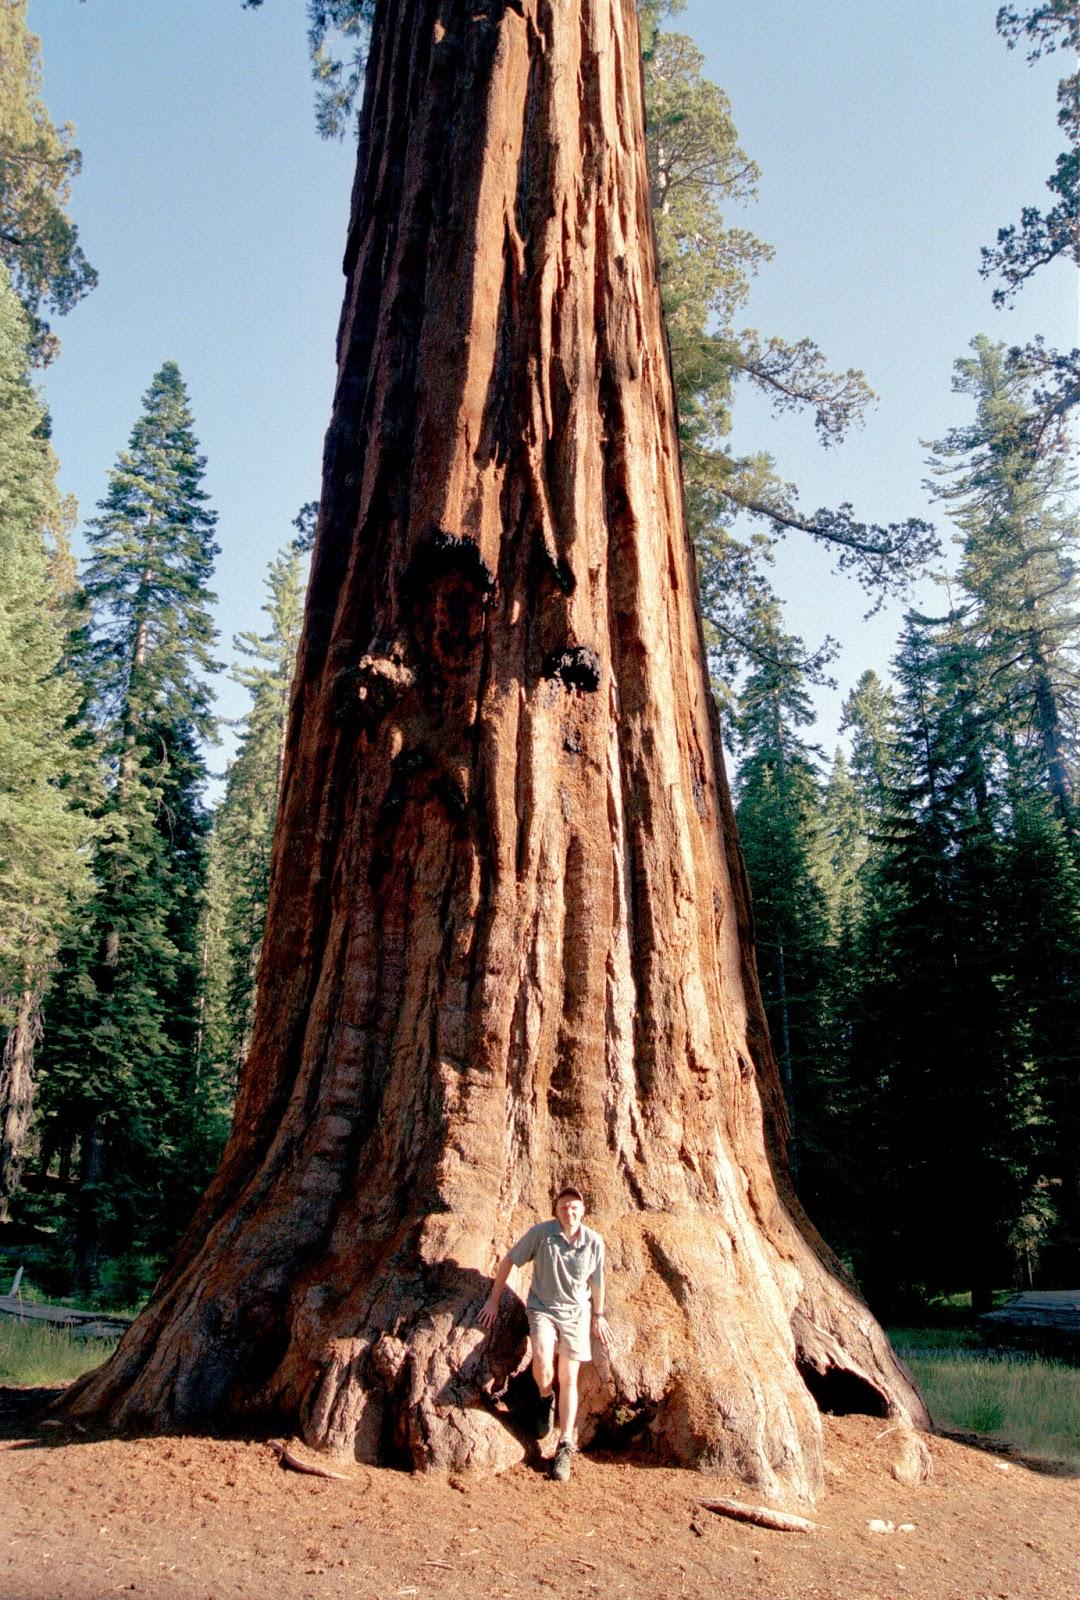 Big Redwoods